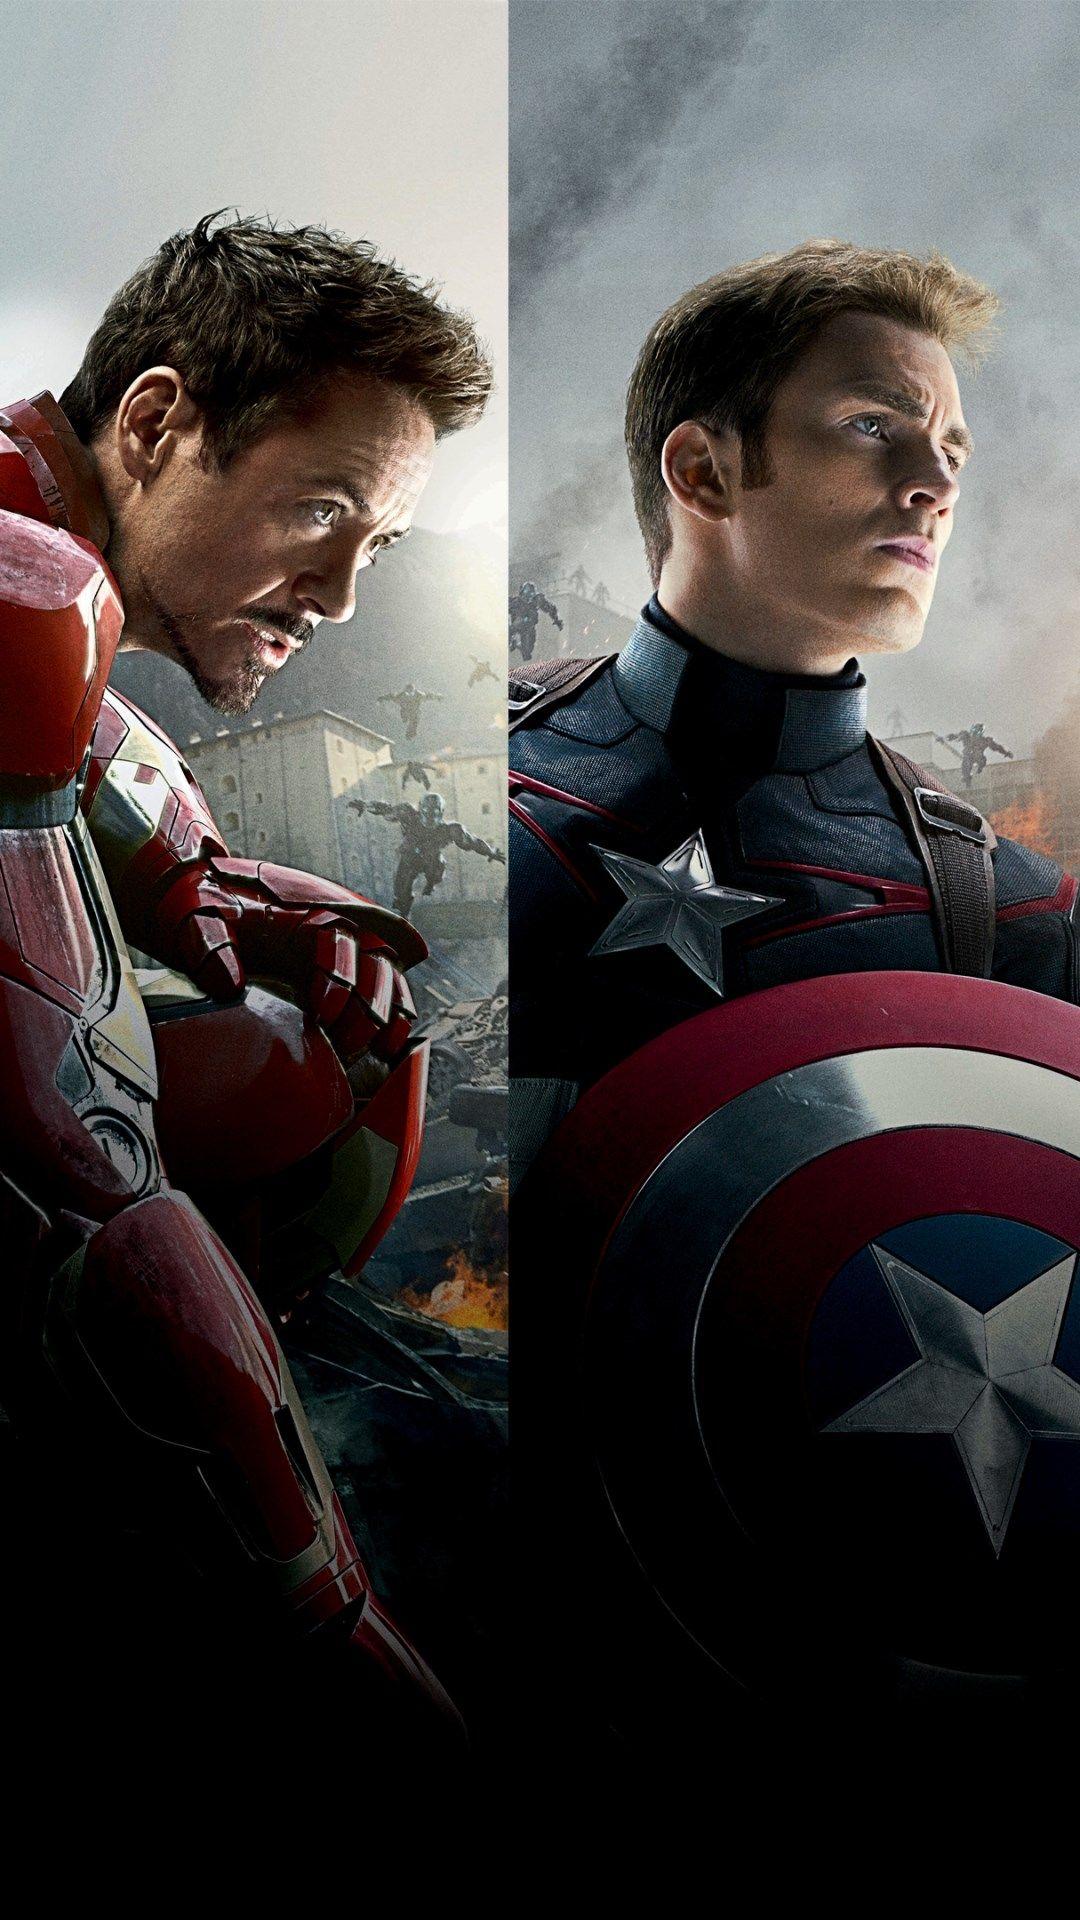 Great Wallpaper Mobile Captain America - 31e226713f5f75355033bb963e44b88f  Image_353126.jpg